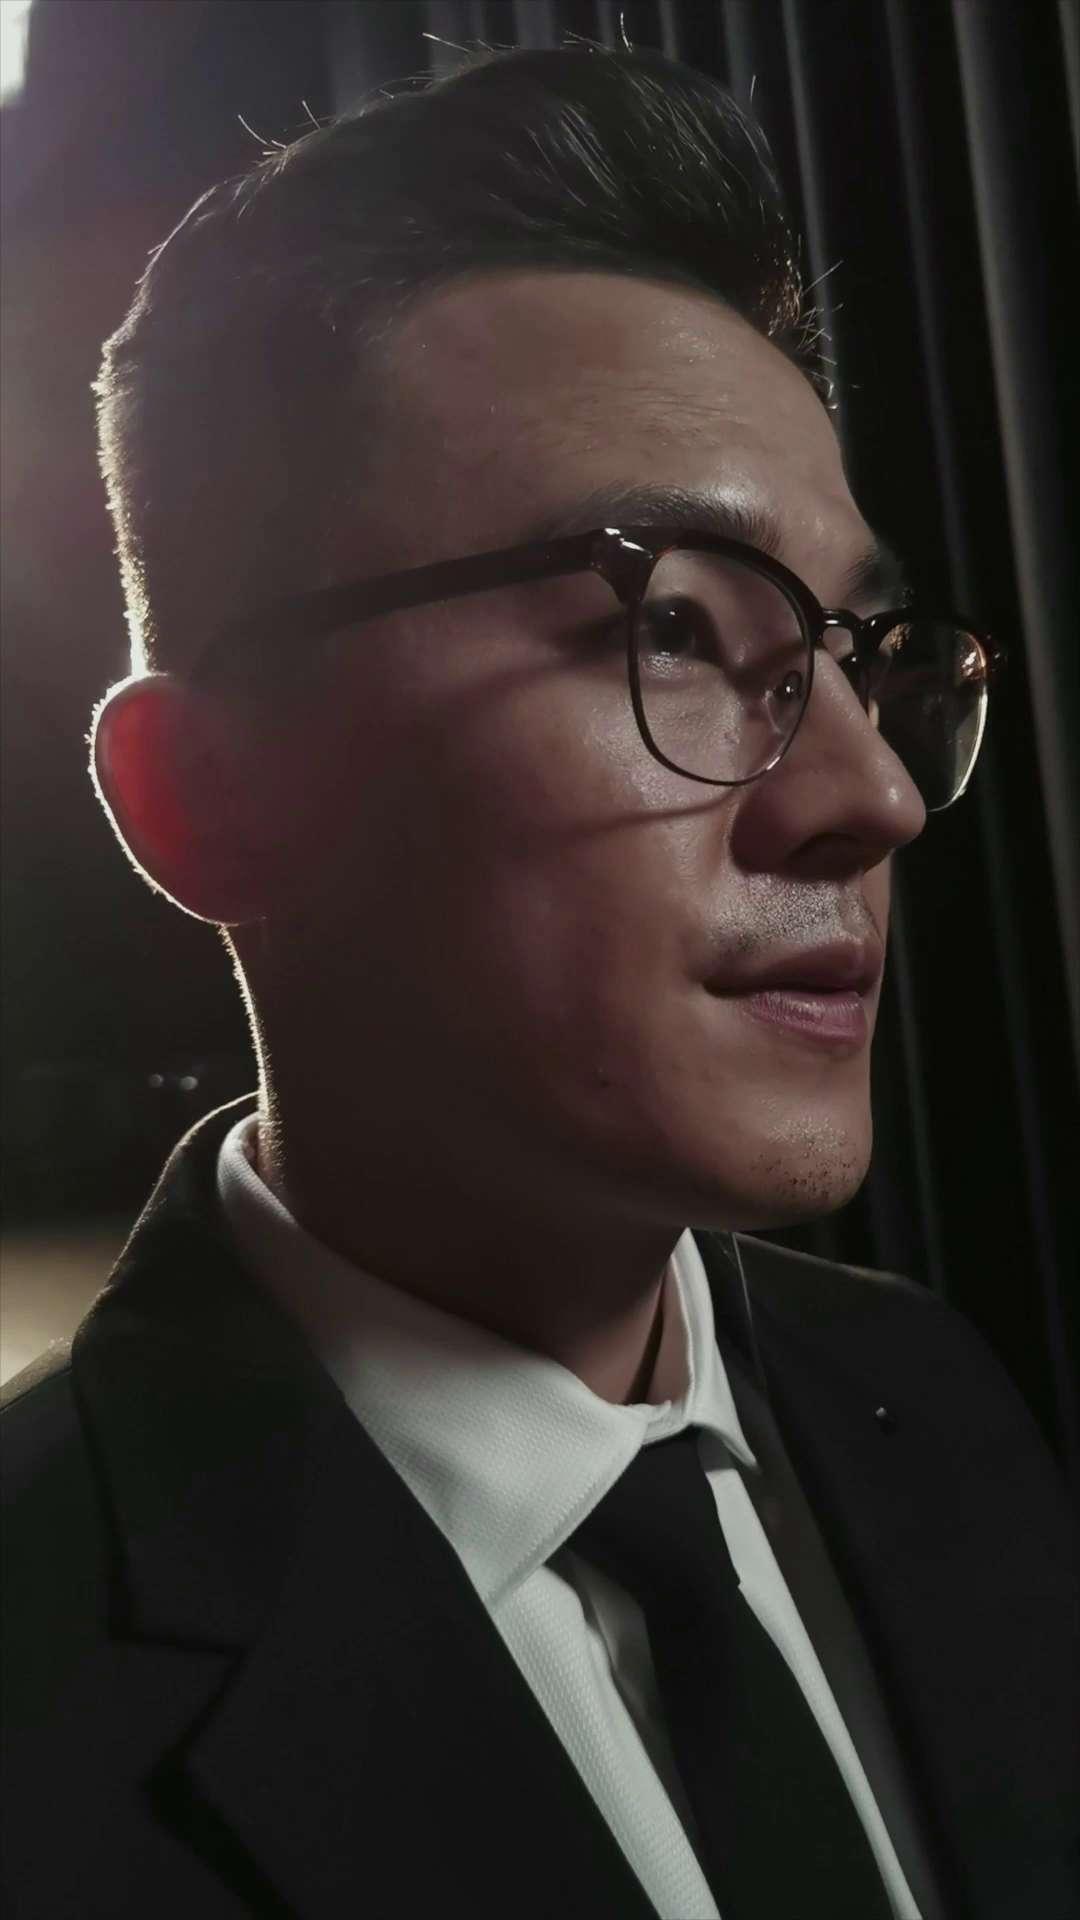 中国电影金鸡奖首支手机拍摄的宣传片《我和我的电影》发布啦!,华为Mate40系列-花粉俱乐部